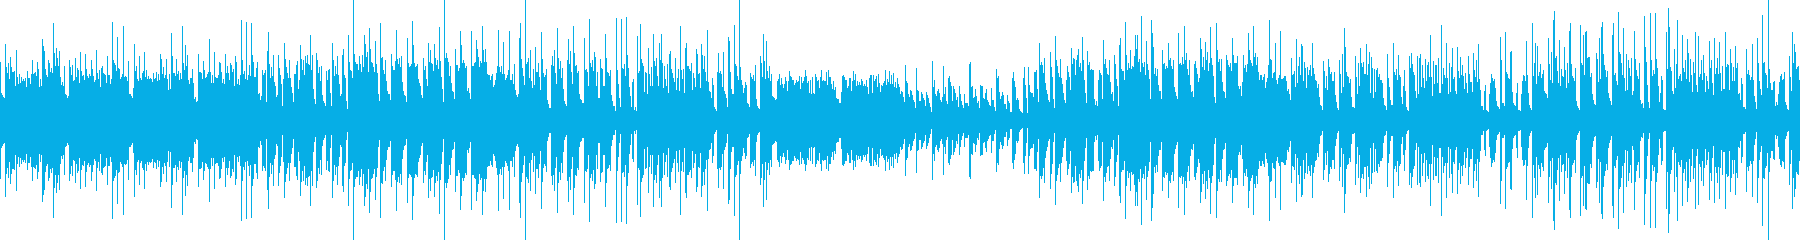 3拍子アコーディオン 街のbgm ループの再生済みの波形